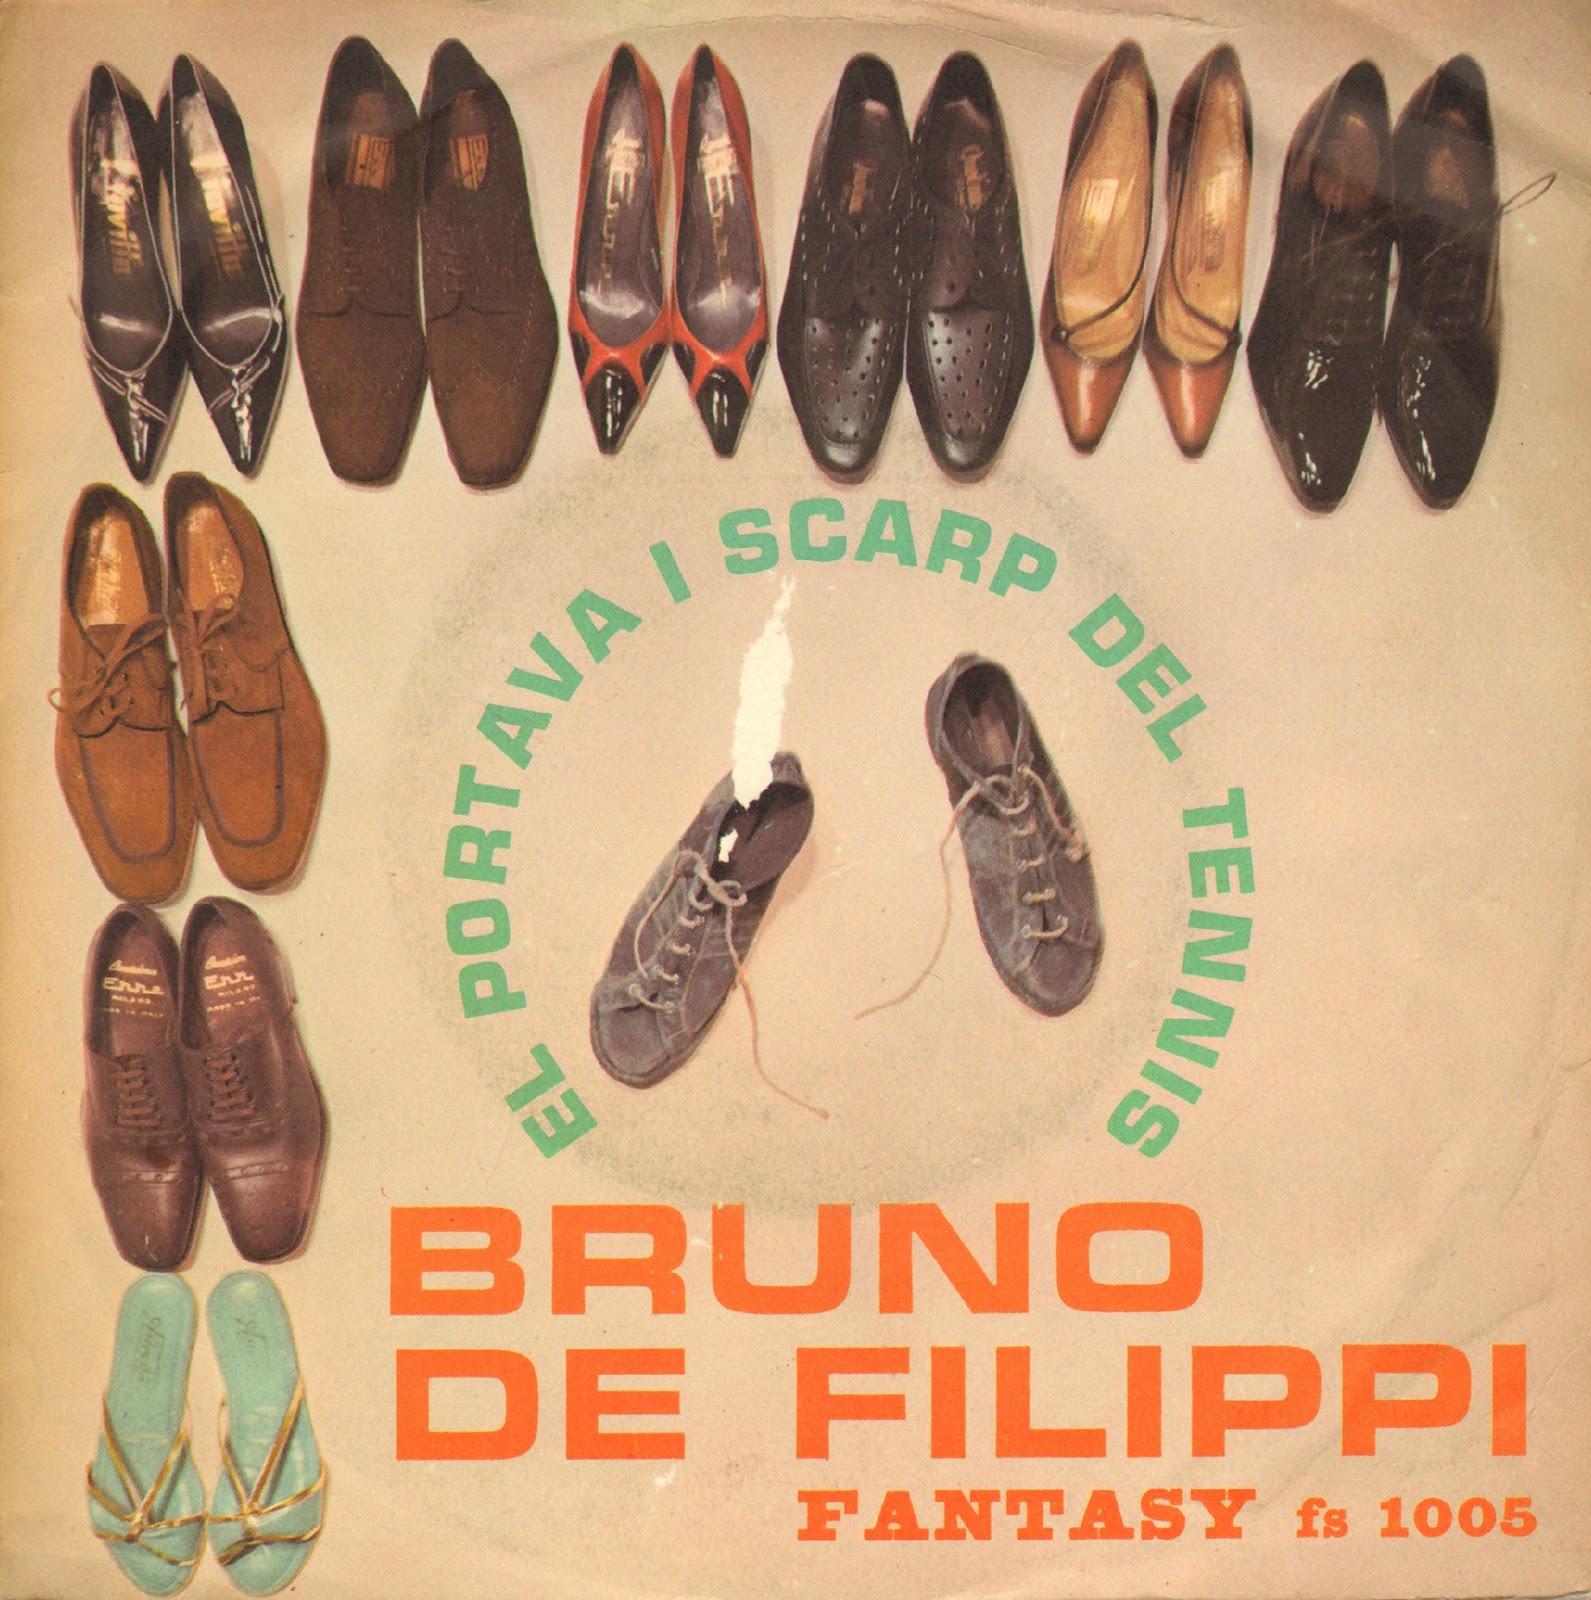 Bruno De Filippi - The Many Talents Of